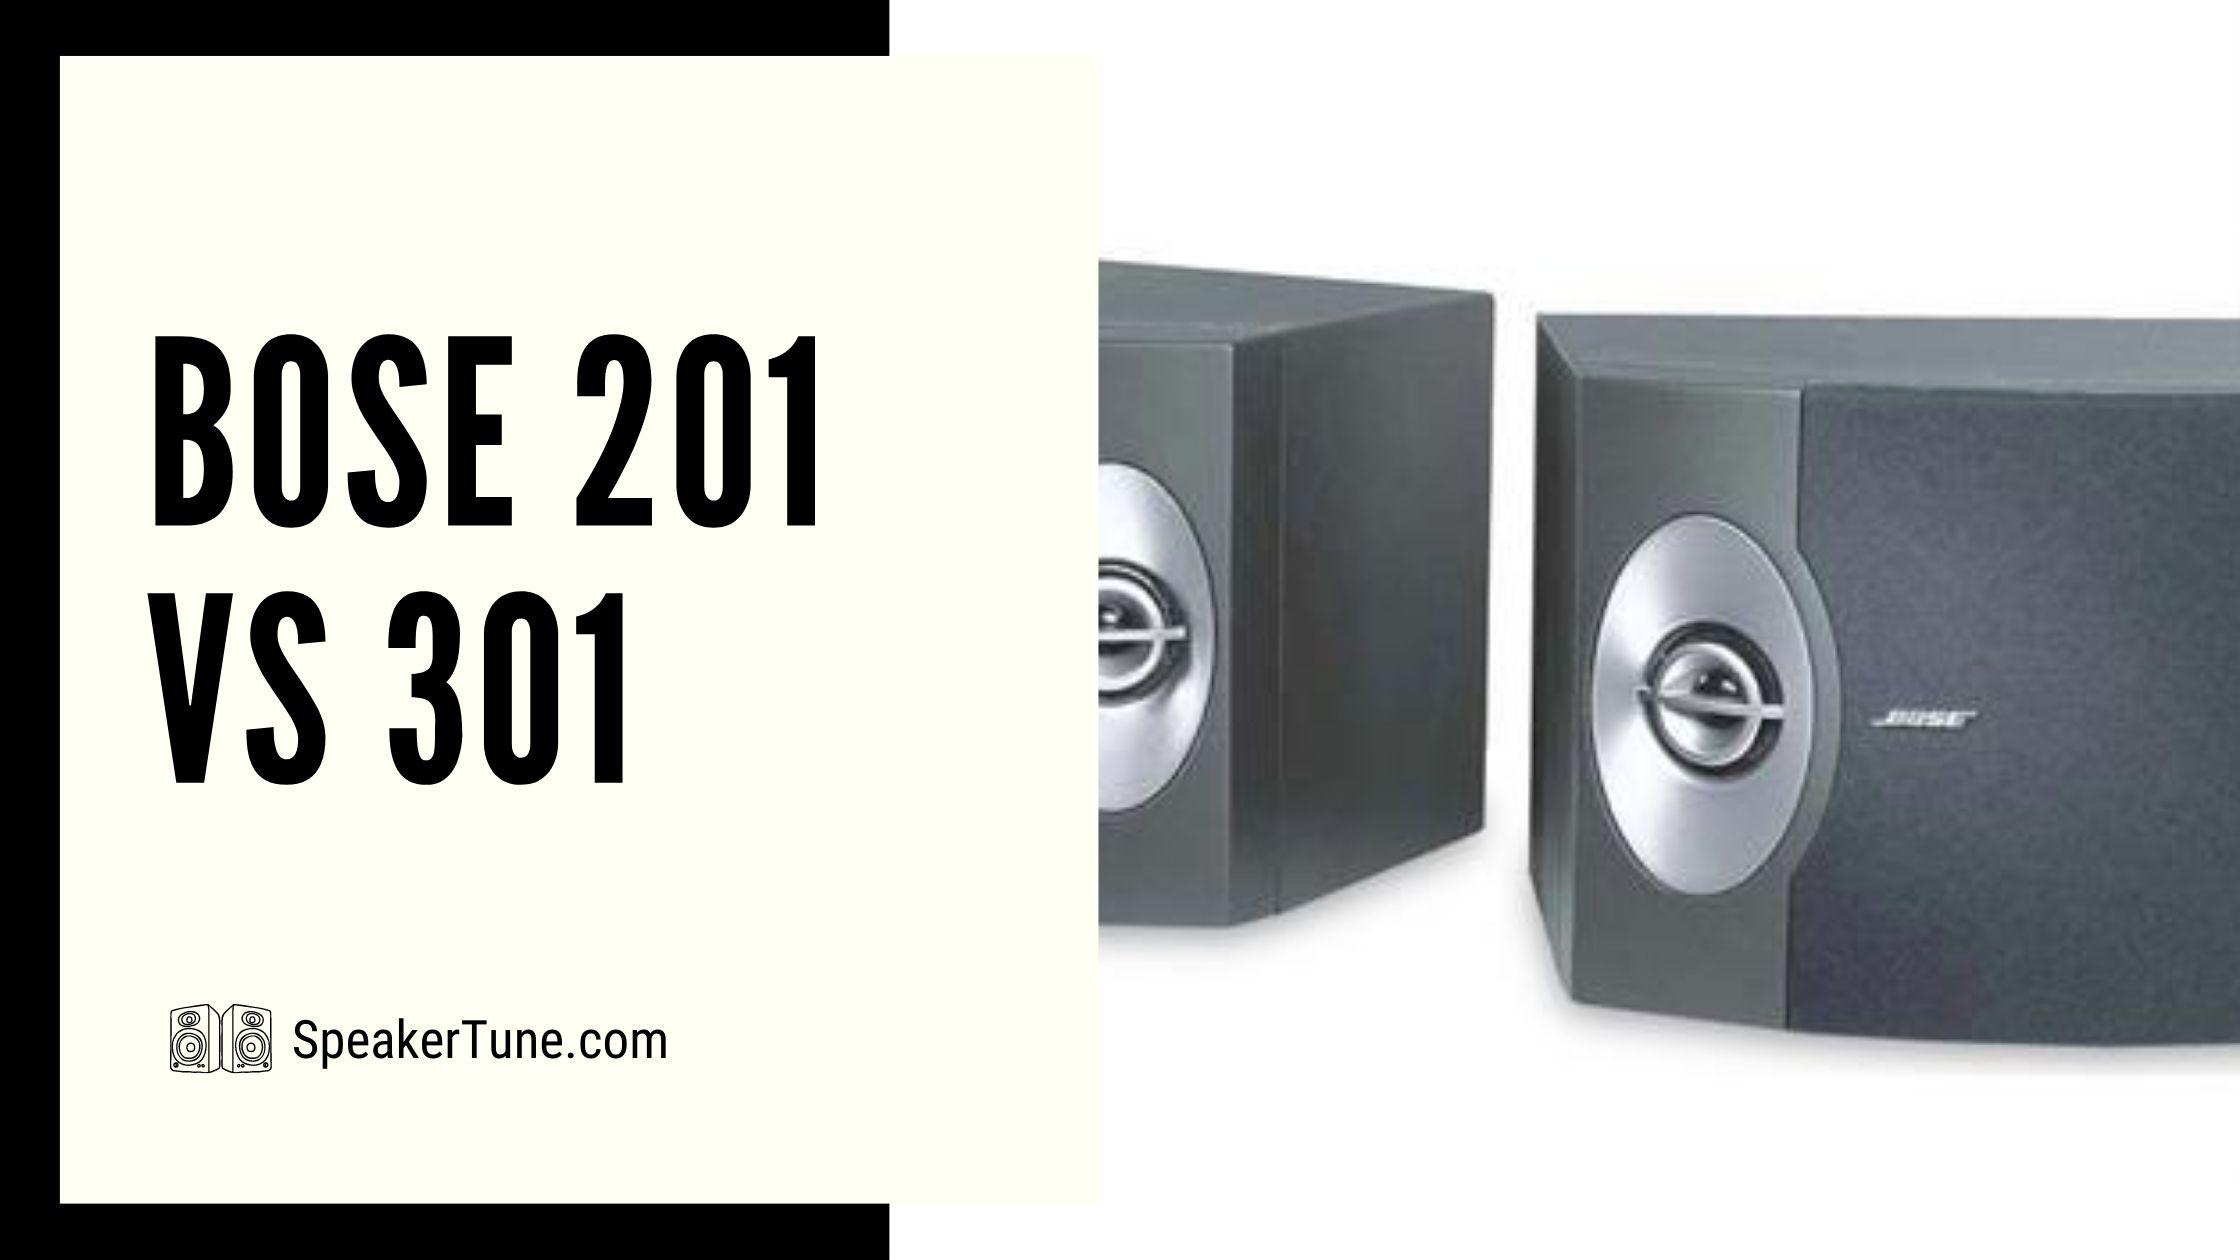 ST-BOSE-201-VS-301